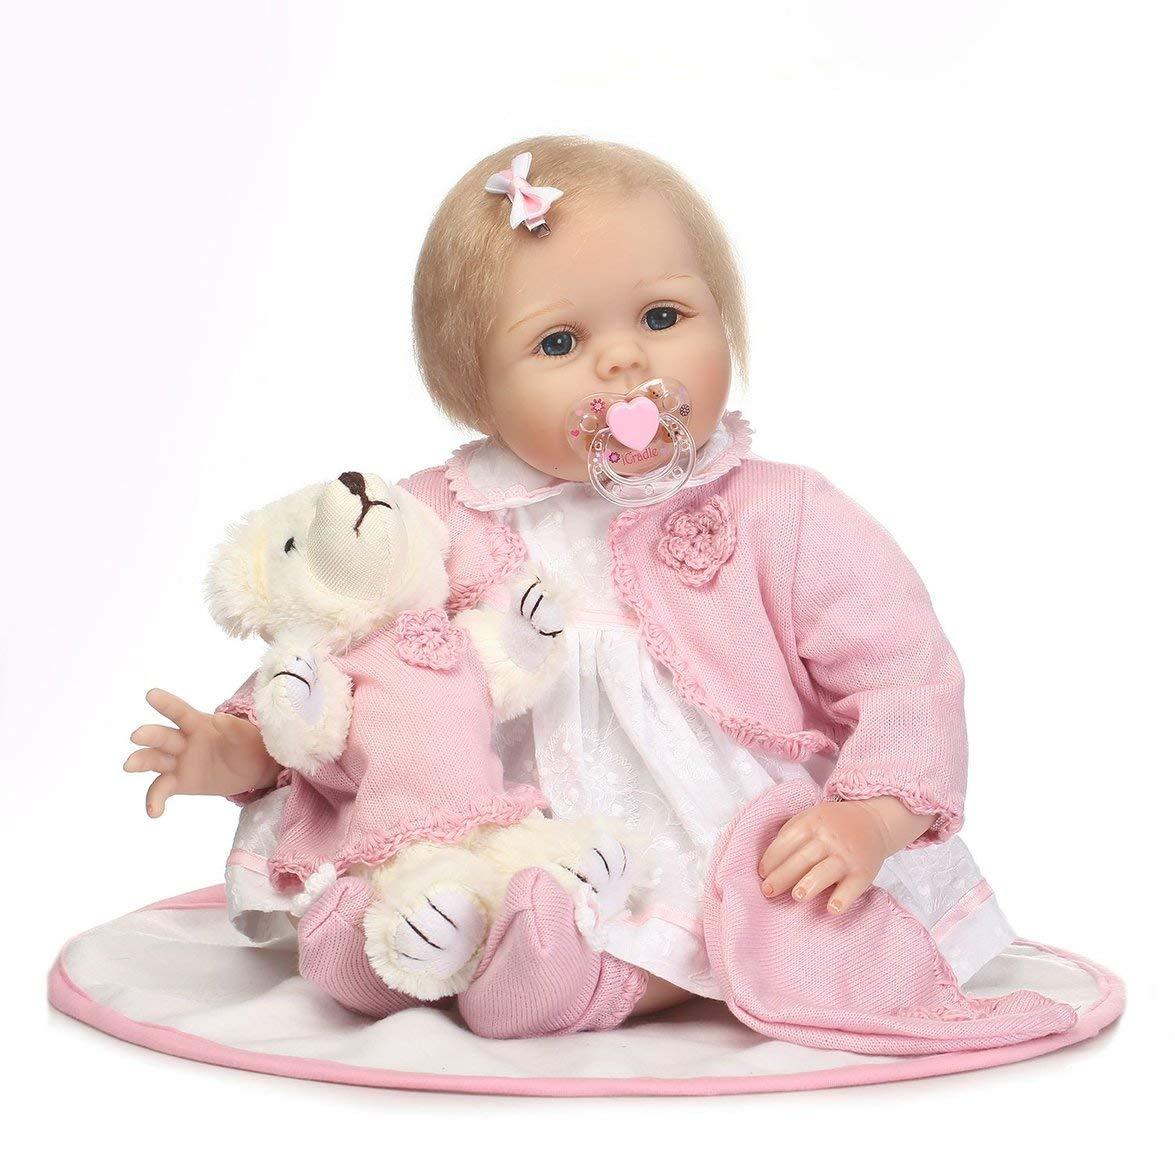 Kongqiabona 55 cm Kinder Reborn Baby Puppe Weiche Silikon Lebensechte Neugeborene Puppe Mädchen Nettes Geburtstagsgeschenk Für Kinder Mädchen